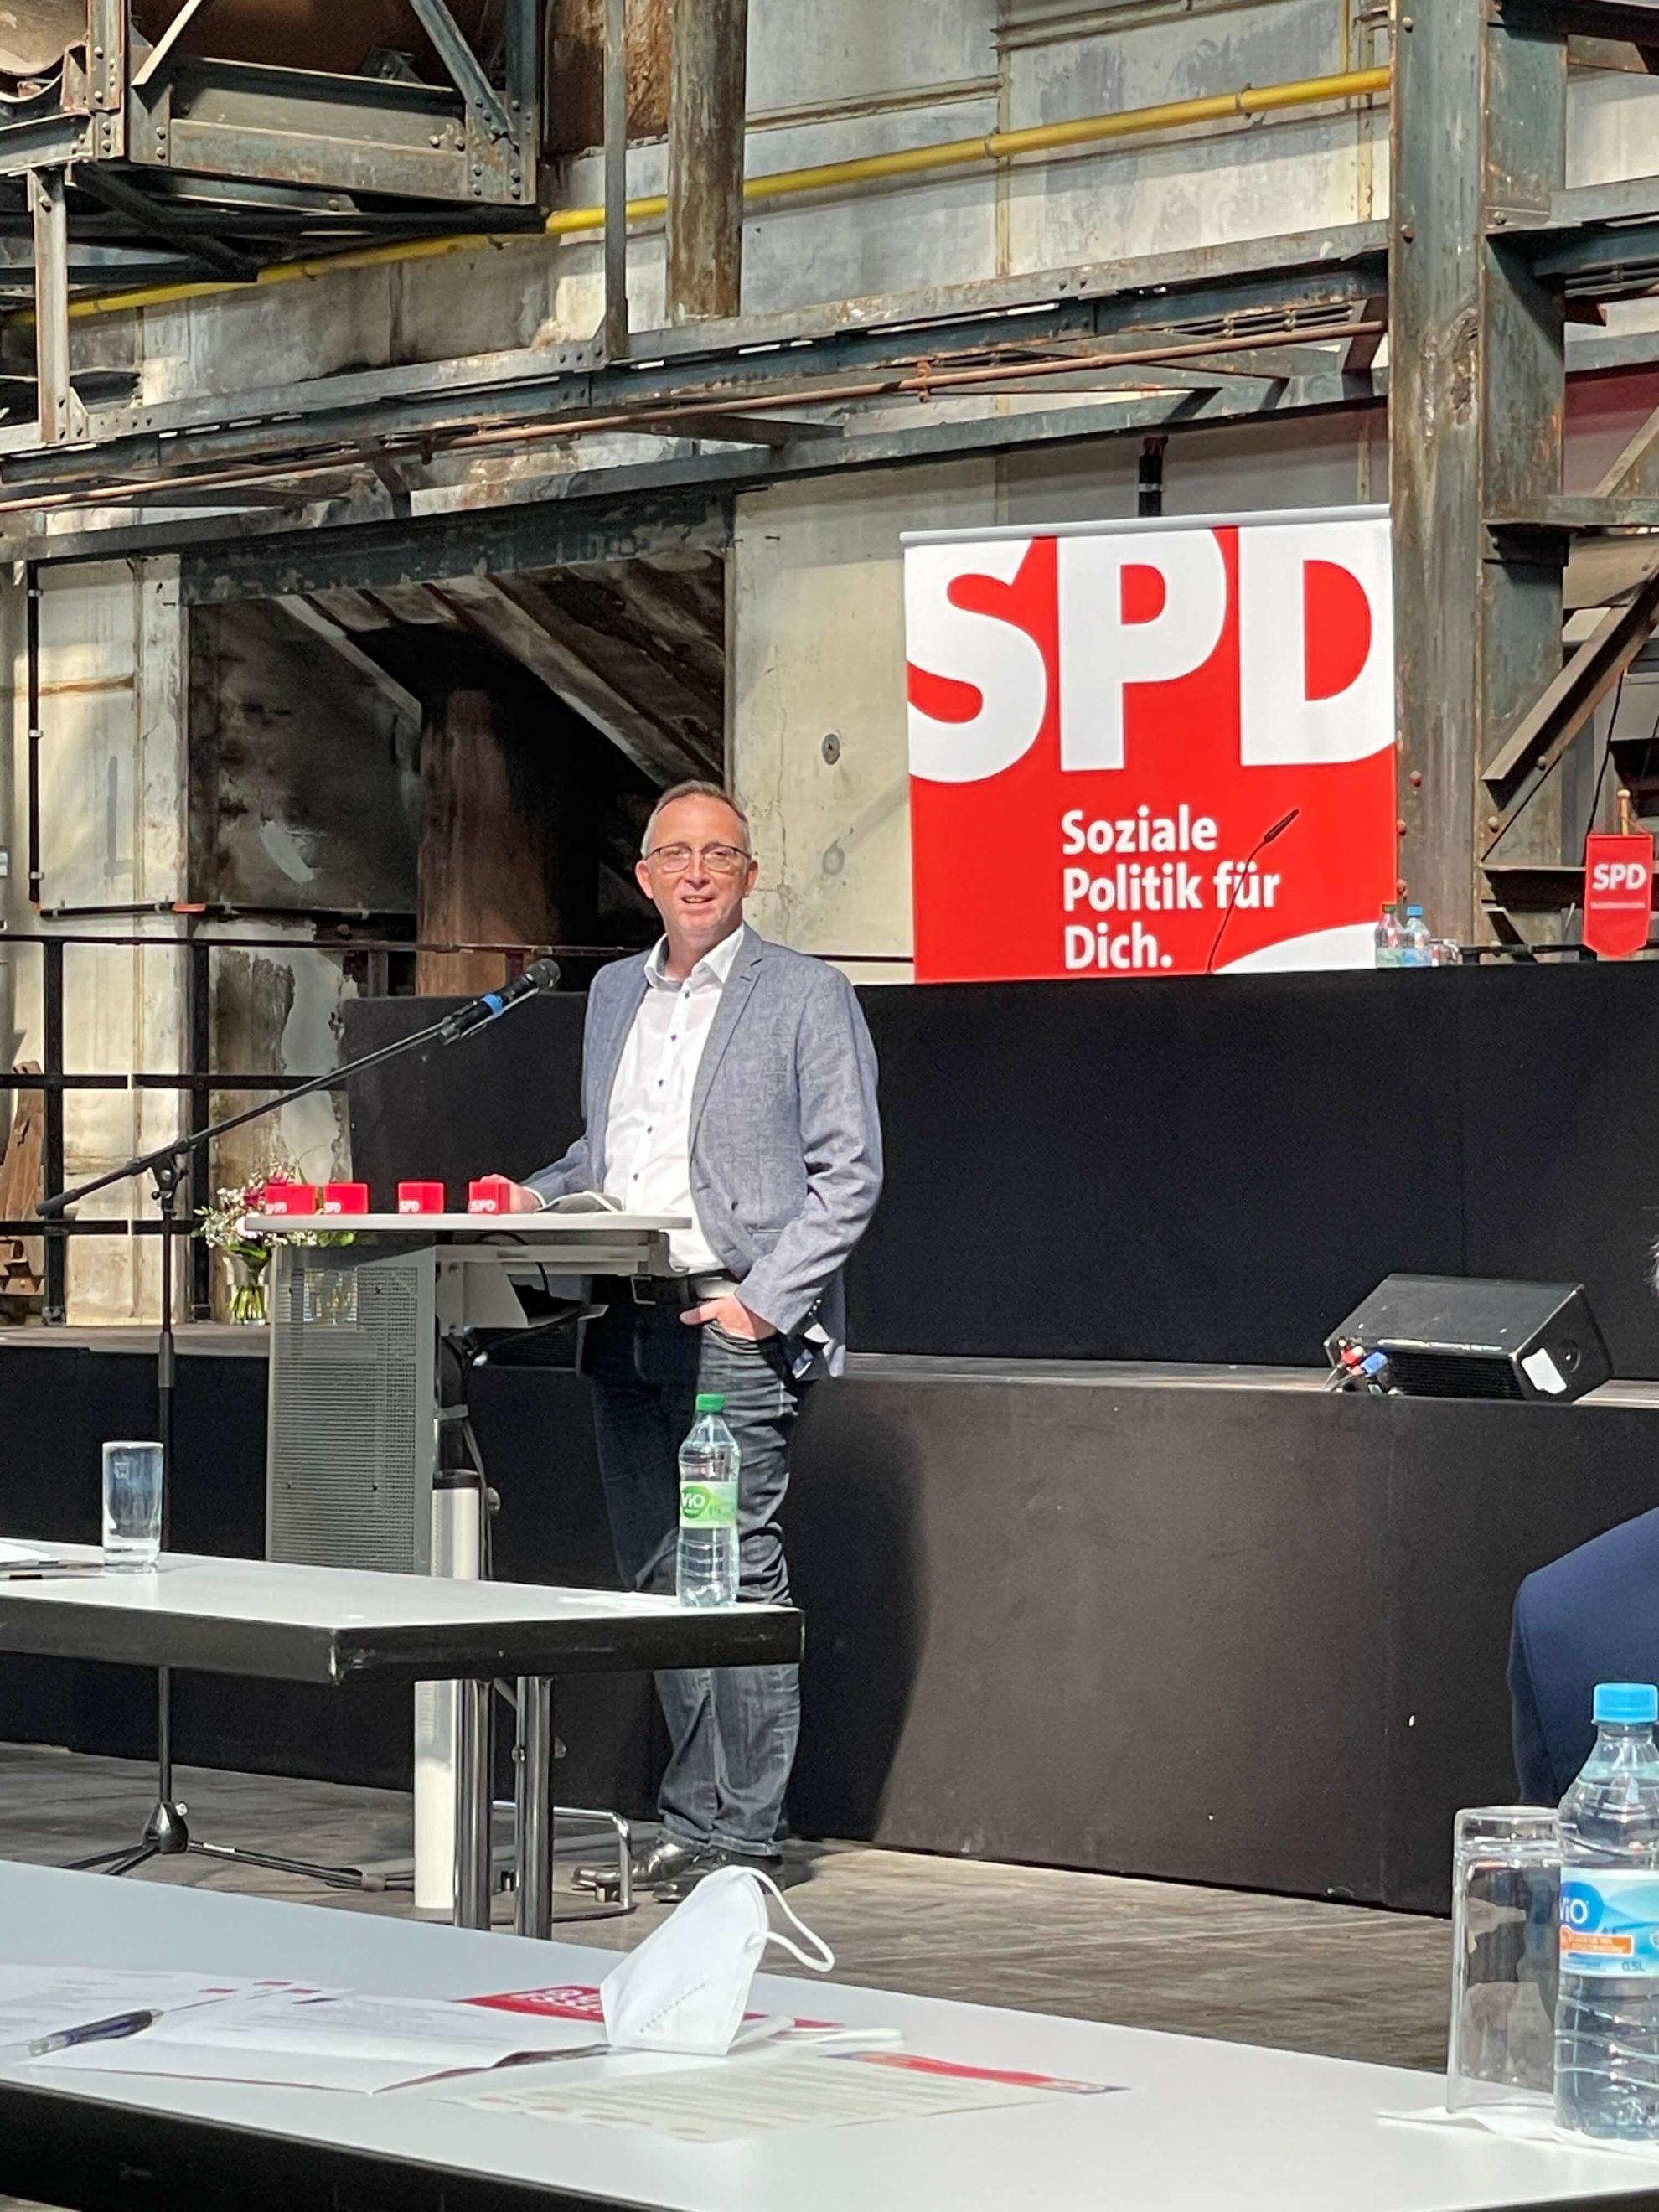 Marc Gräf beim Parteitag der SPD Bochum am 26. Juni 2021